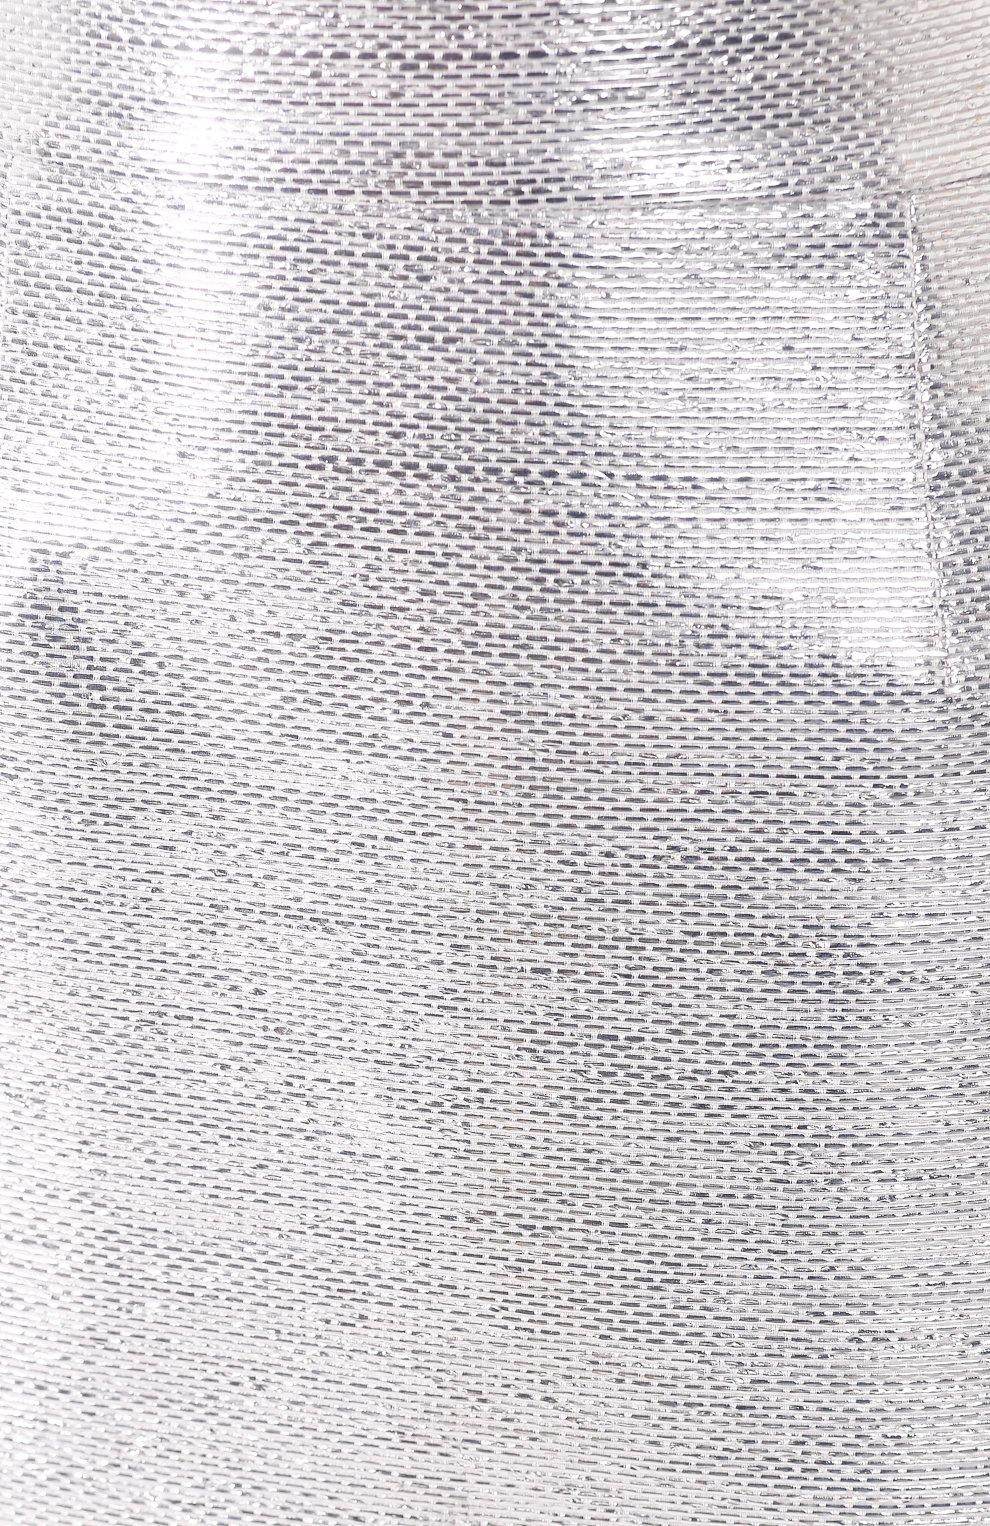 Женская юбка BRANDON MAXWELL серебряного цвета, арт. SK126SS20   Фото 5 (Материал внешний: Синтетический материал, Хлопок; Женское Кросс-КТ: Юбка-одежда; Длина Ж (юбки, платья, шорты): Миди; Материал подклада: Синтетический материал)